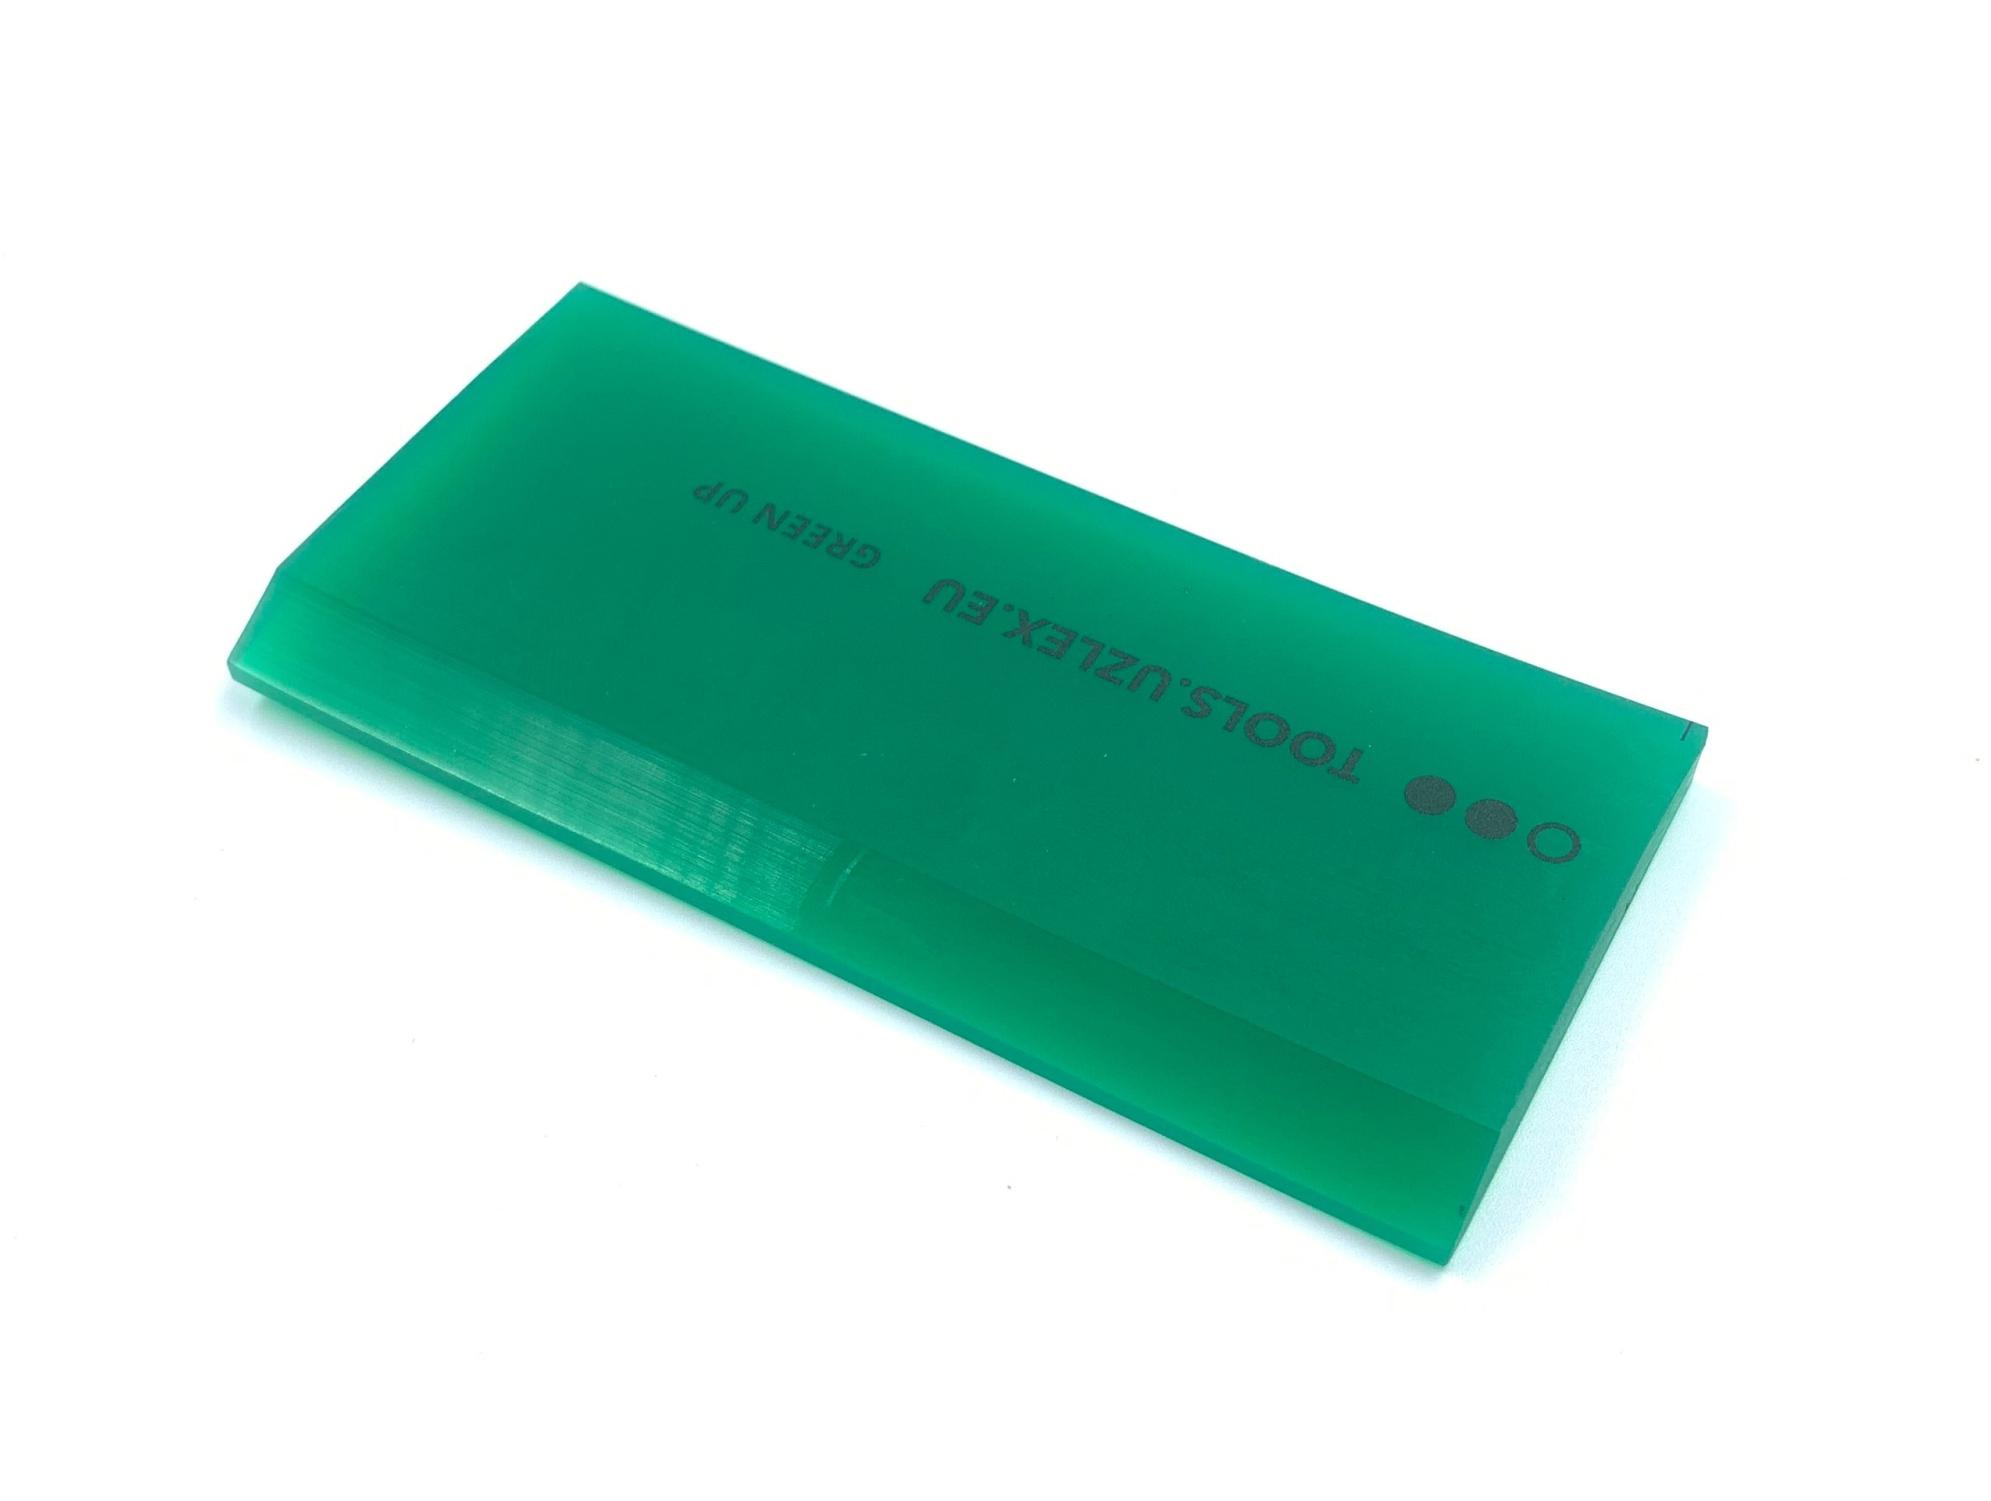 Ракель GREEN-UP (средней жесткости) для полиуретановых